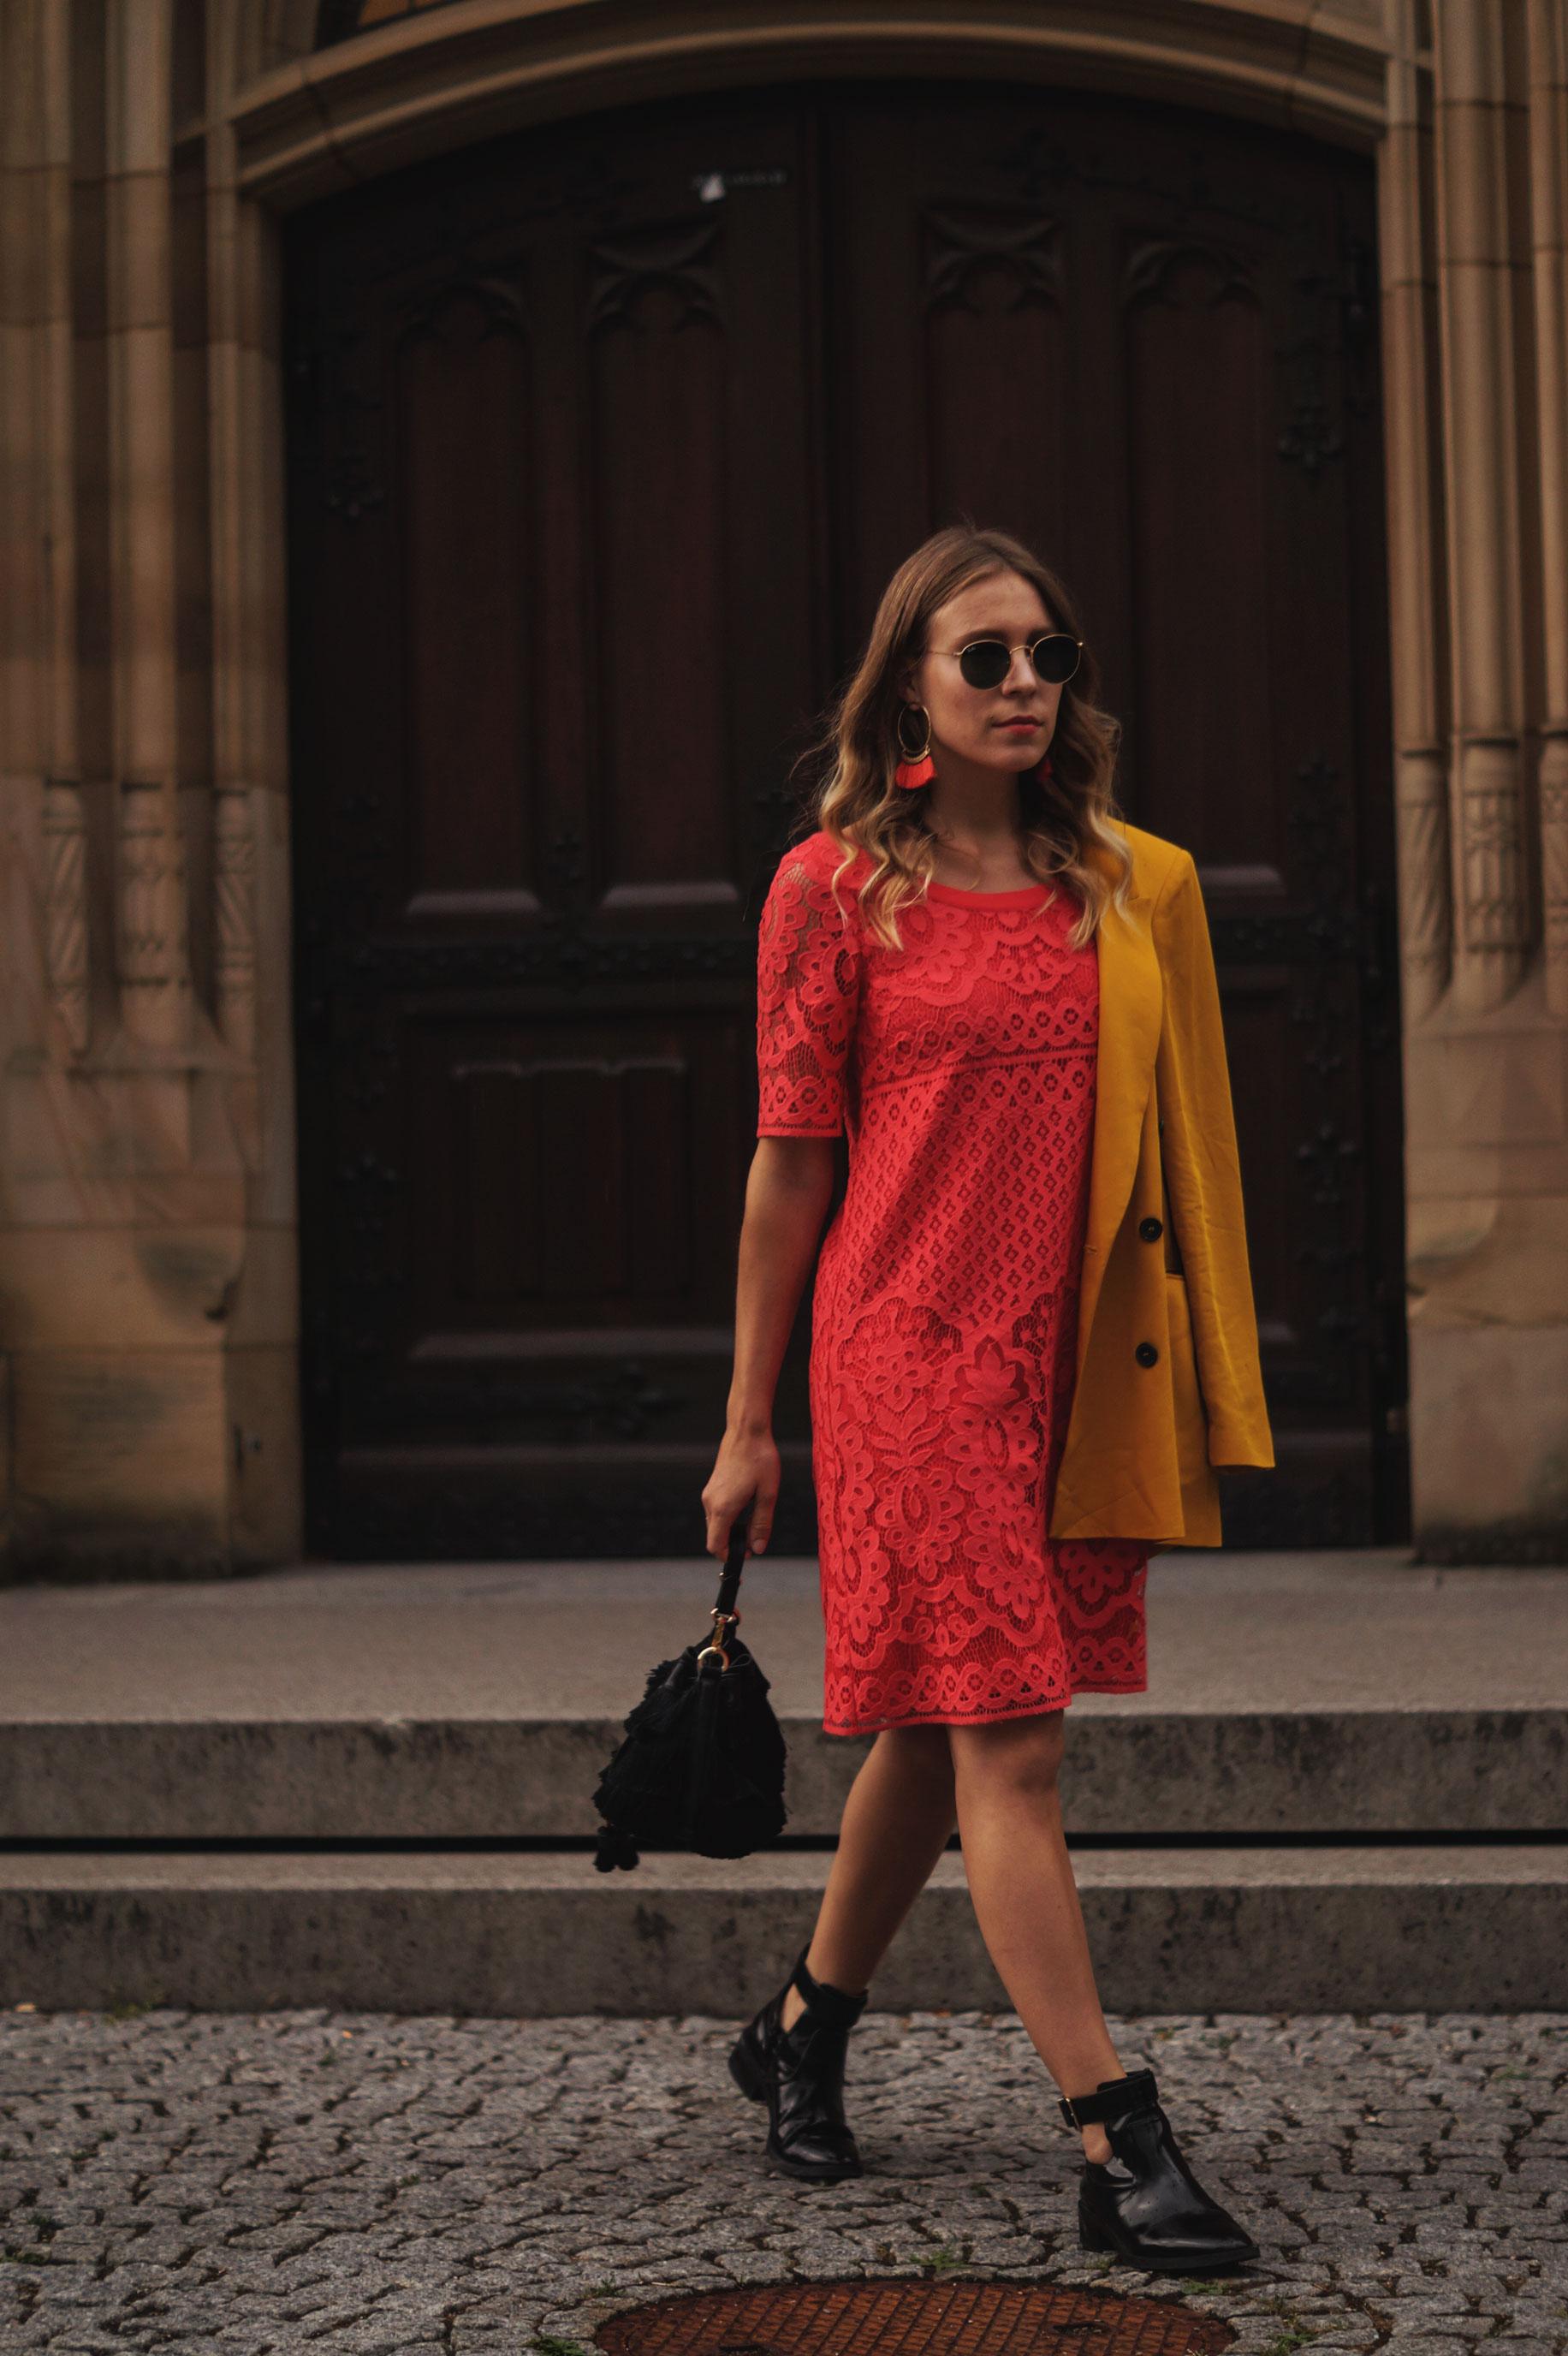 Modeblog Sariety Riani Dress Fashion Week Berlin Spitzenkleid gelber Blazer yellow Jacket Fiesta Rianista Color Blocking Fashionblogger_4